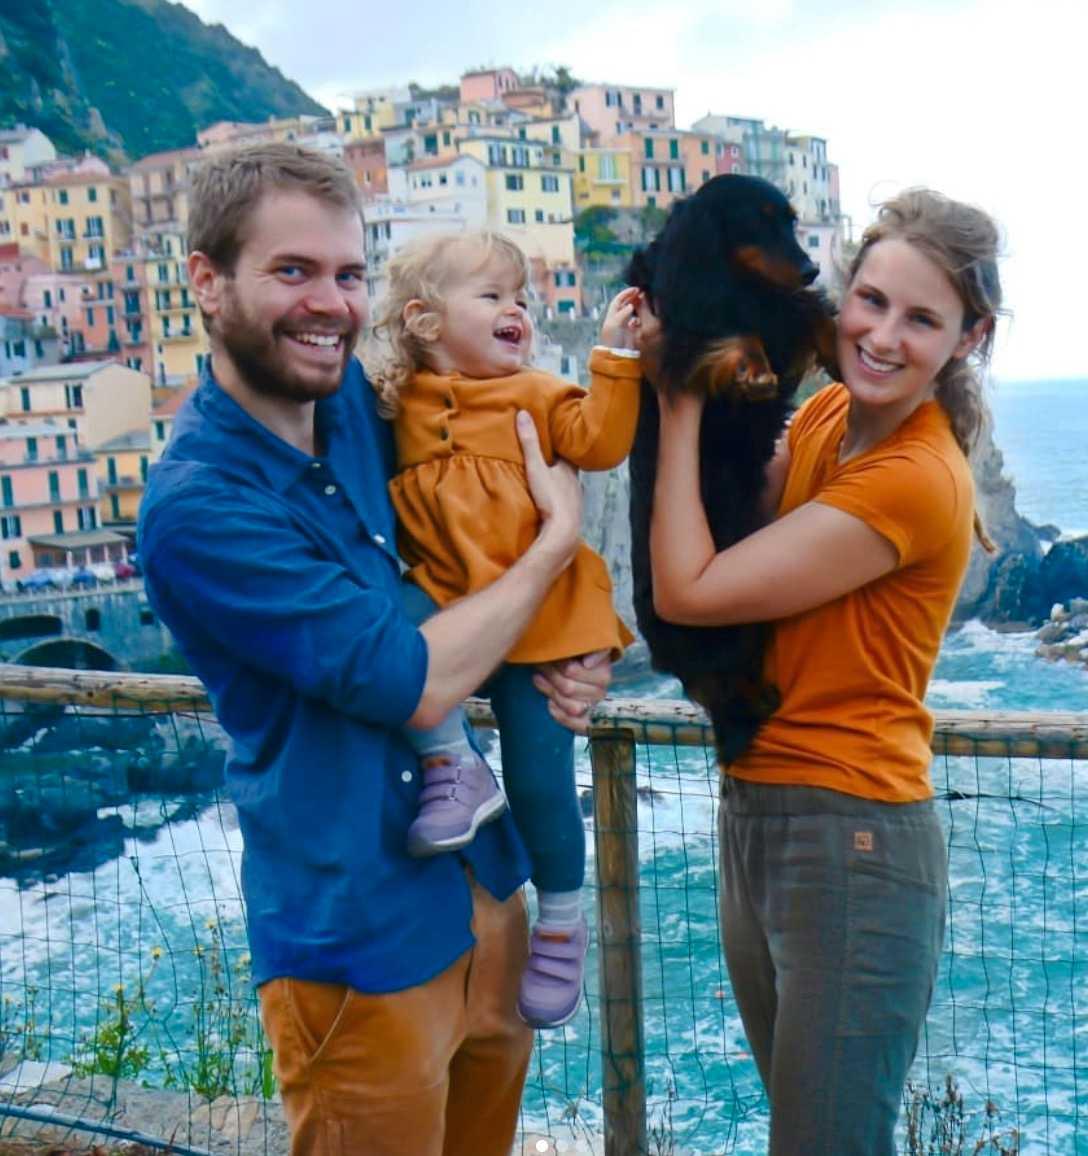 Manarola i Italien, taxen Maggie är med.